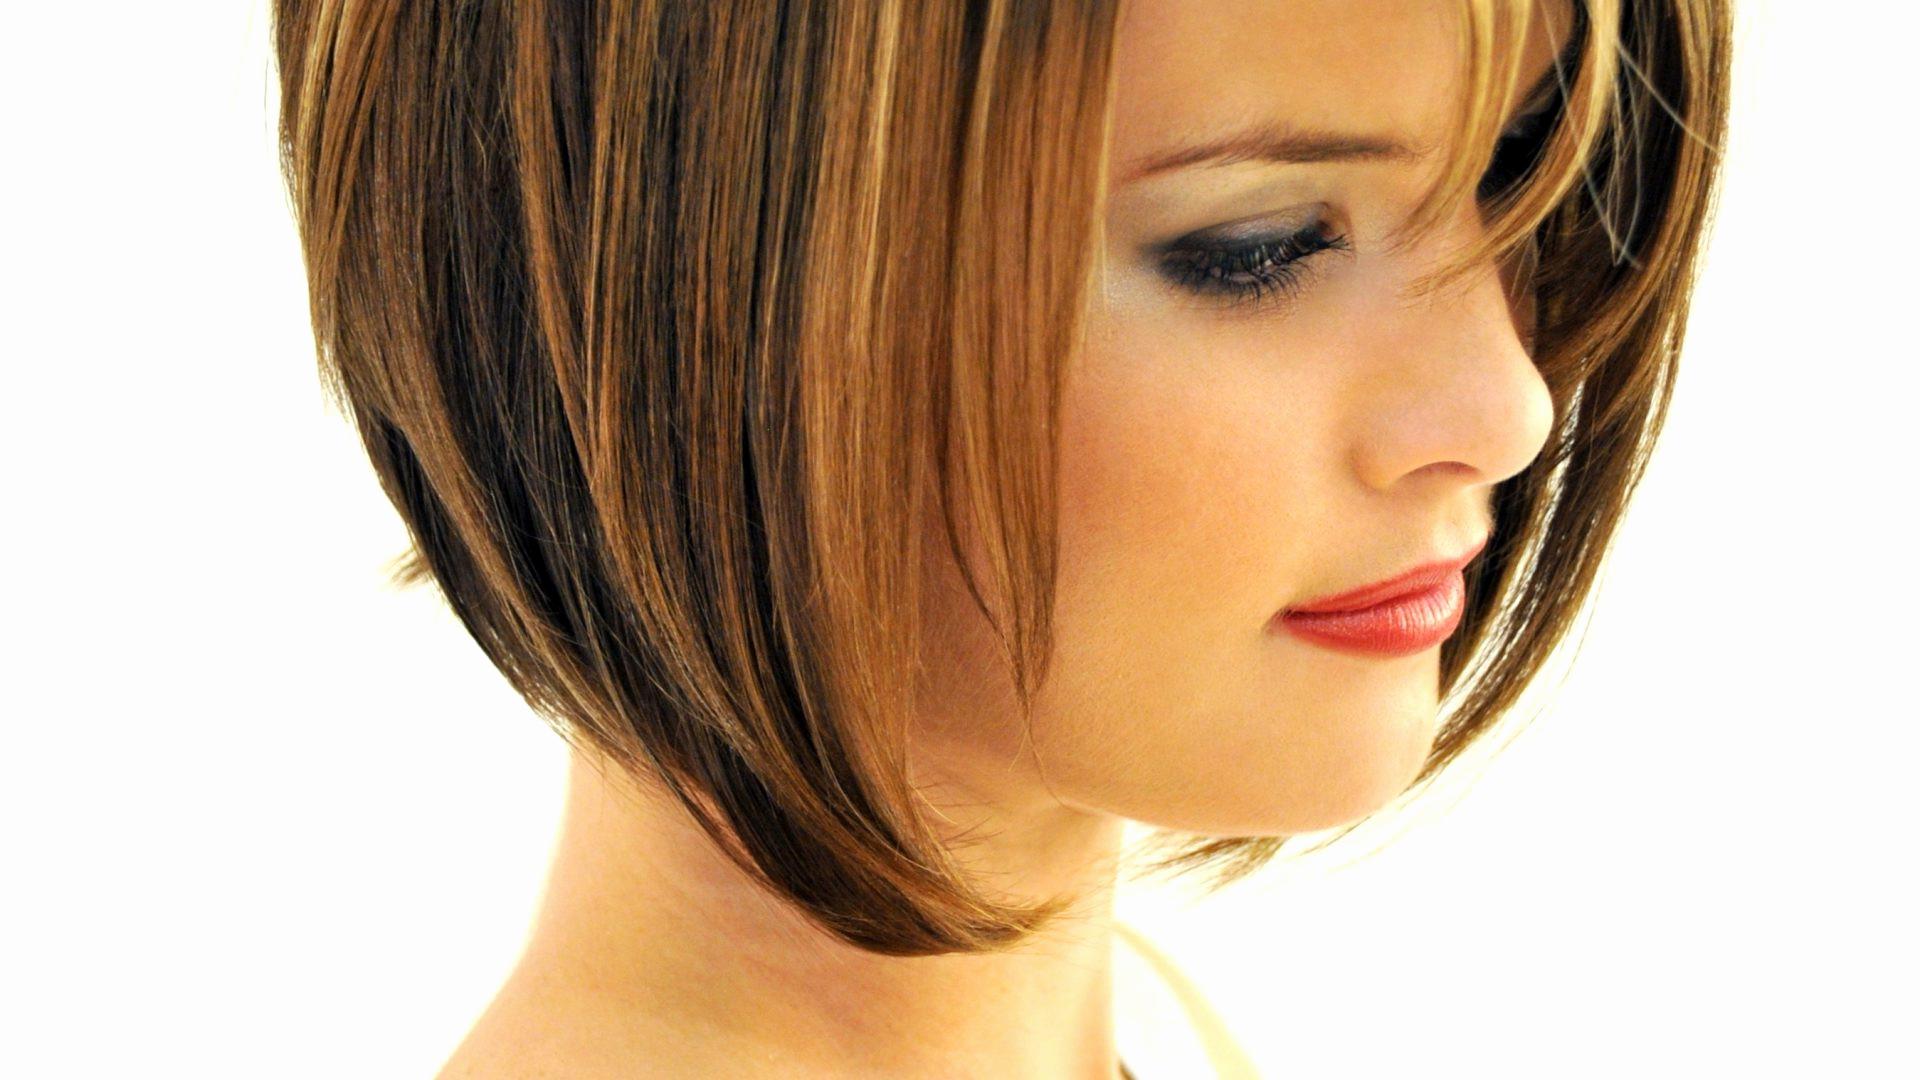 Gaya Rambut Bob Untuk Rambut Pendek Sederhana Dan Panjang 7 Pilihan Yang Cantik Dengan Dan Tanpa Poni